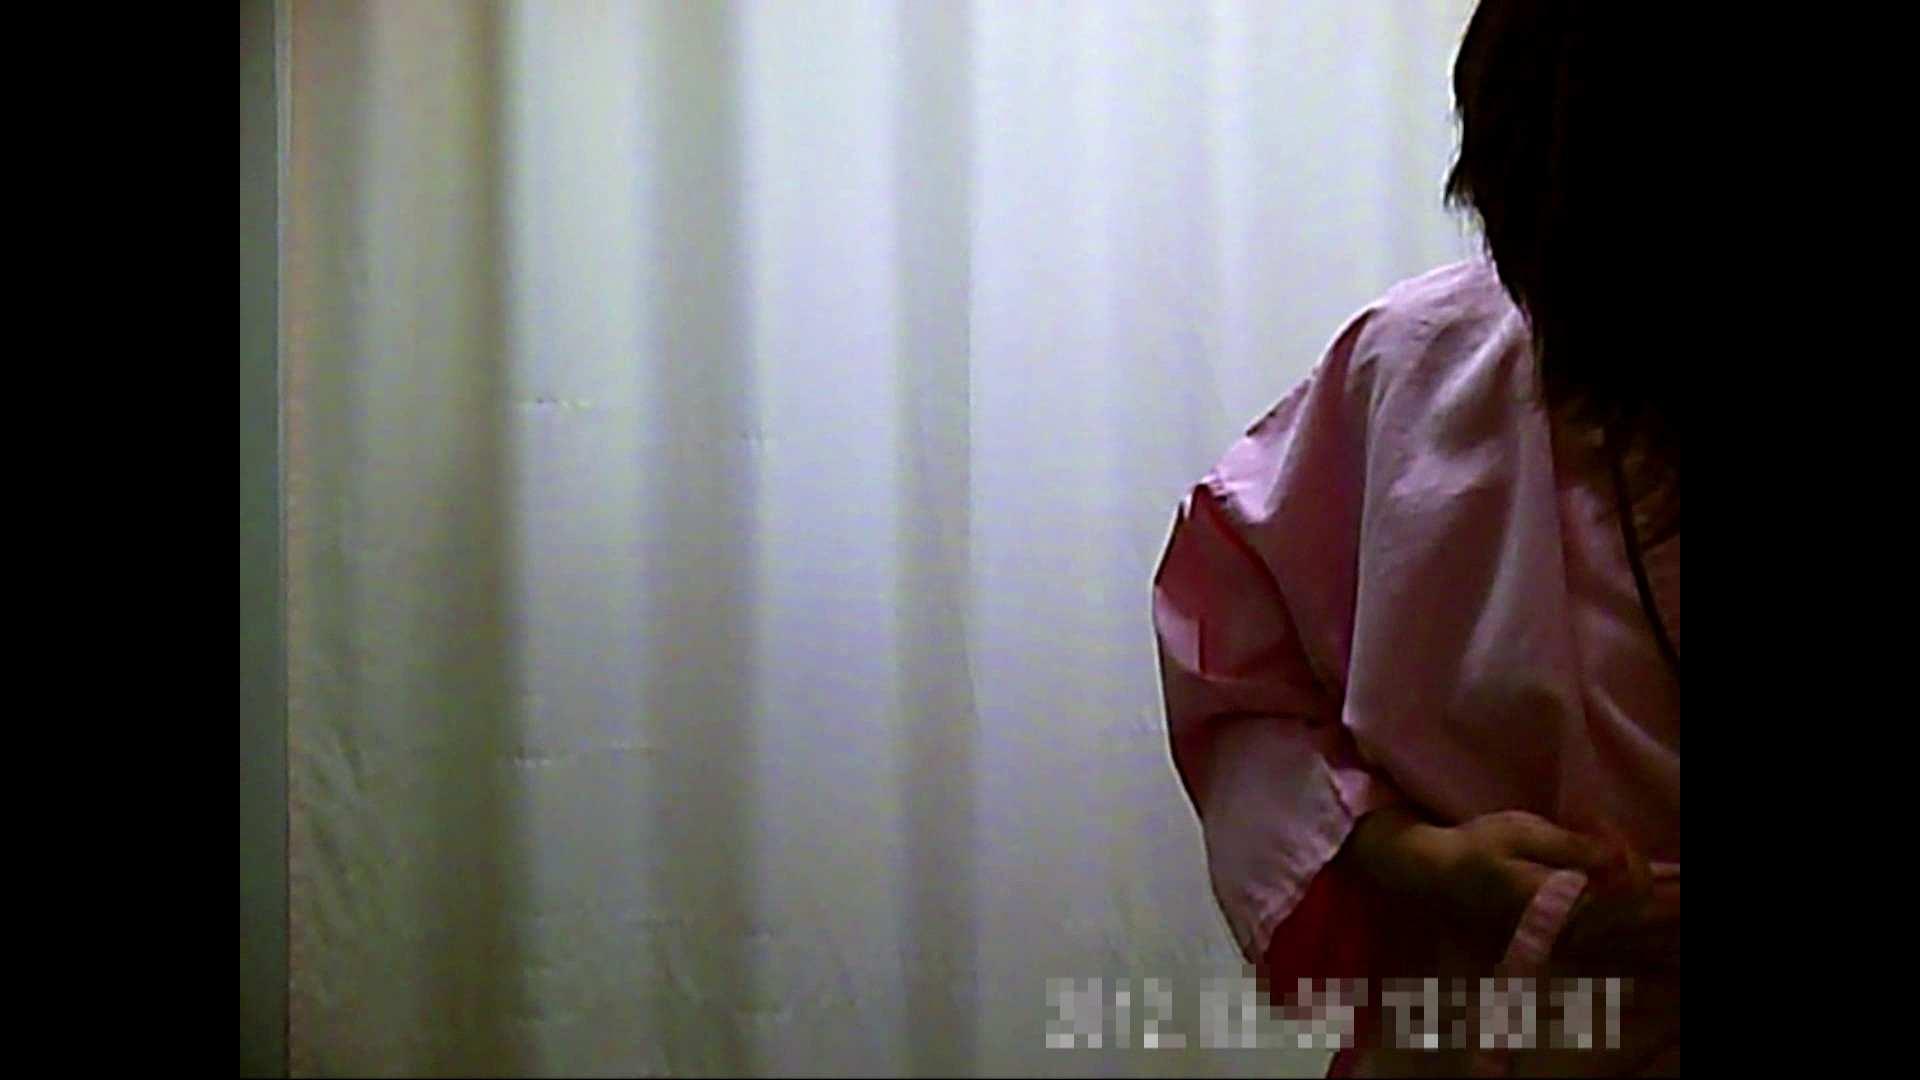 元医者による反抗 更衣室地獄絵巻 vol.032 お姉さんのSEX セックス無修正動画無料 90枚 59